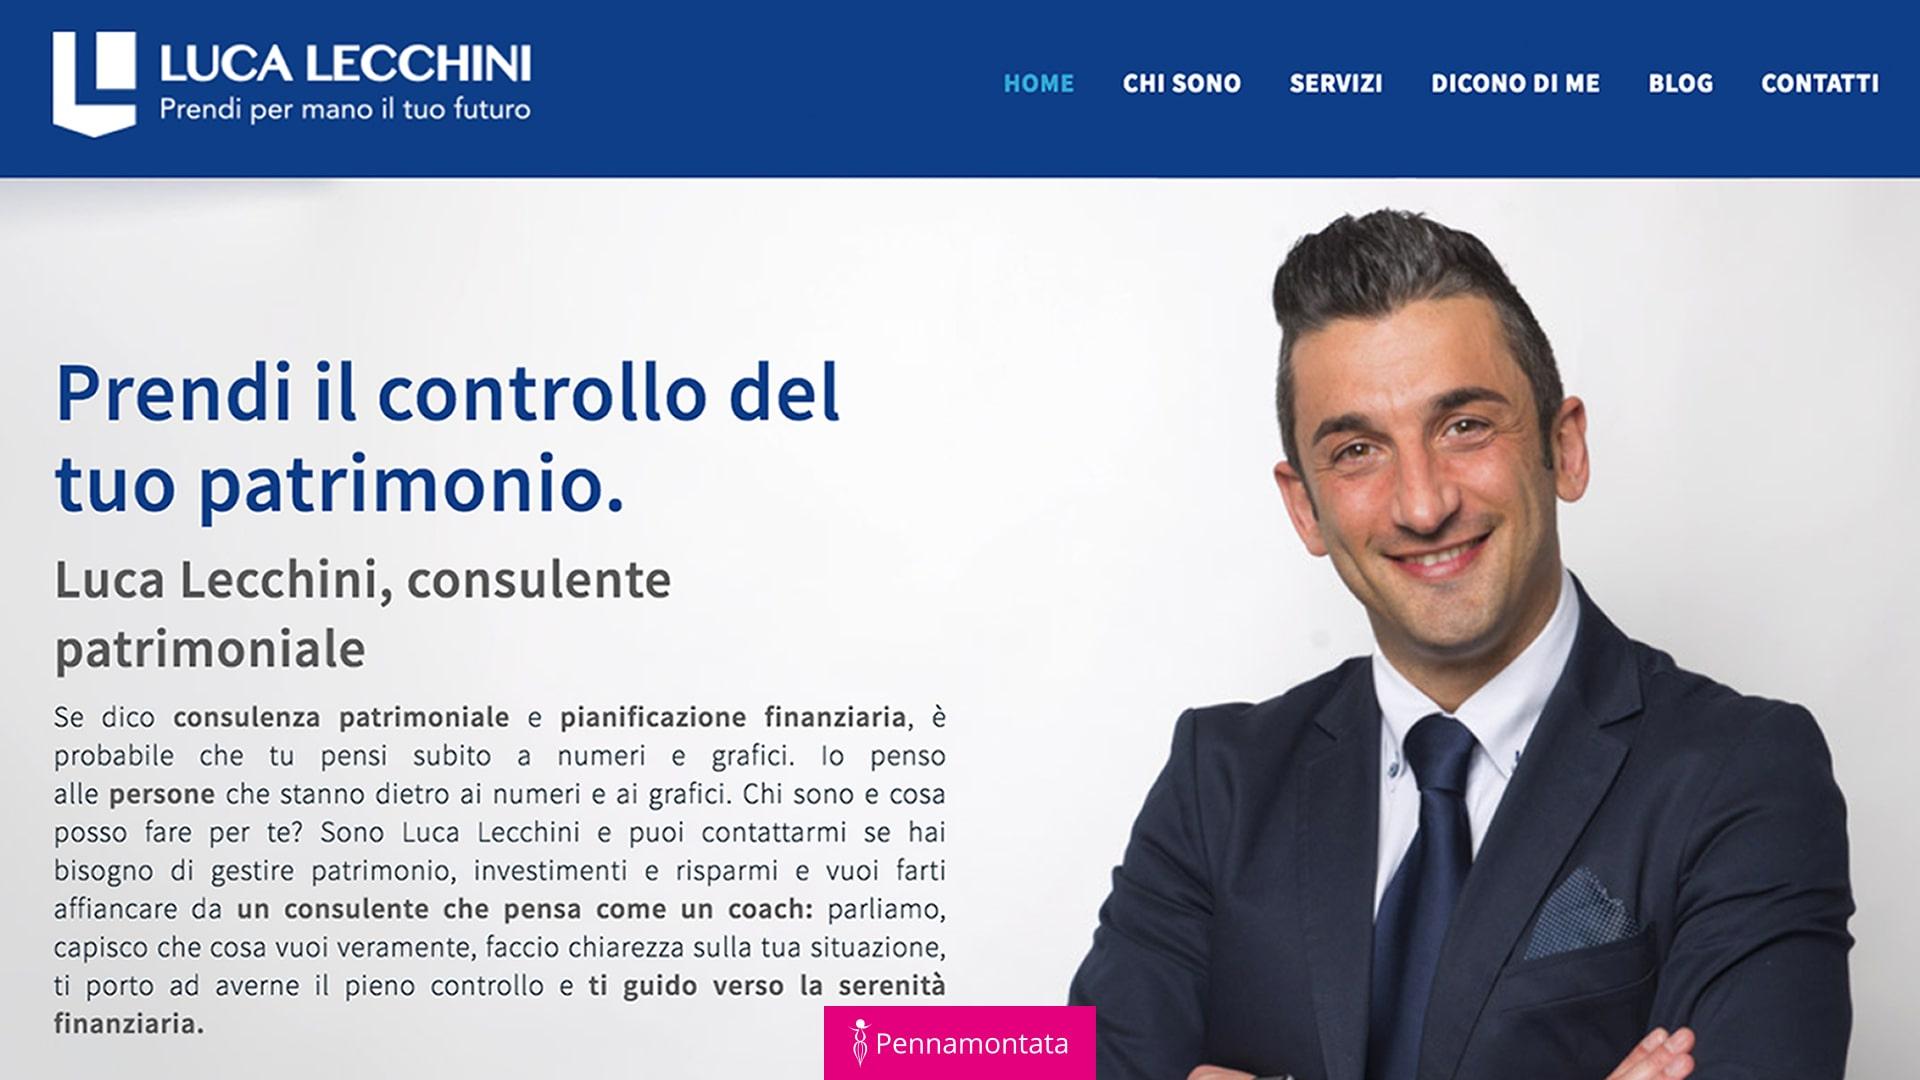 Luca Lecchini semplificazione linguaggio